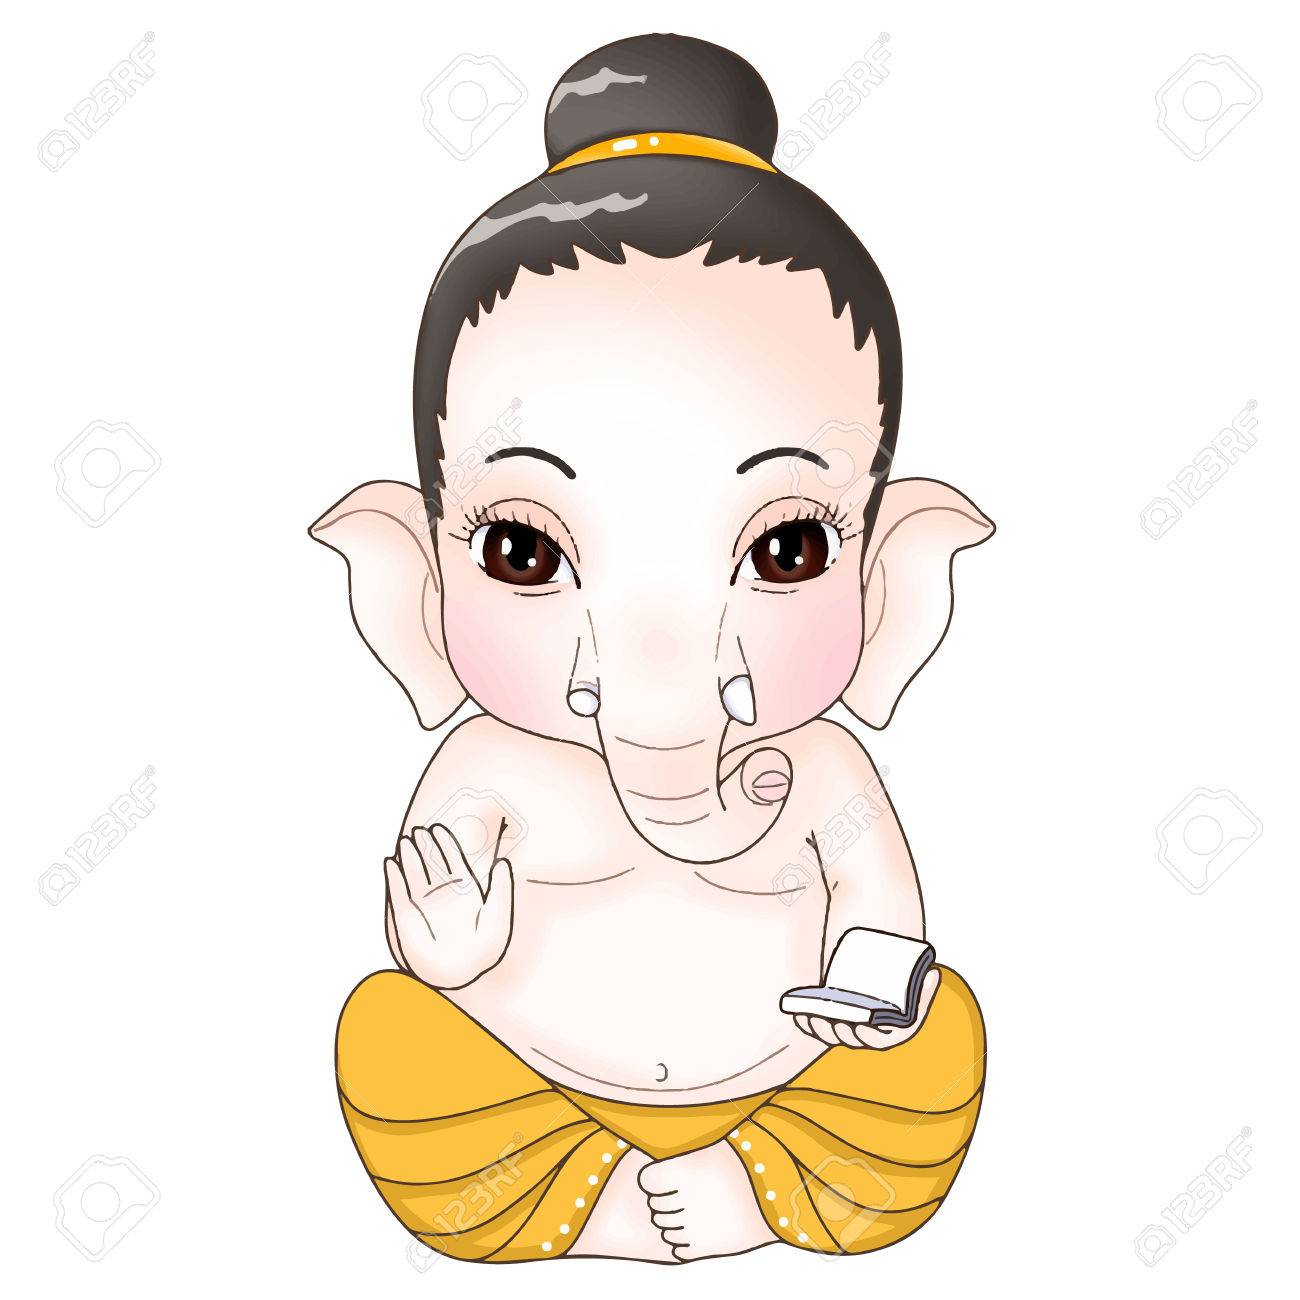 Ganesha Sitting Pose Cartoon Charactor Royalty Free Cliparts